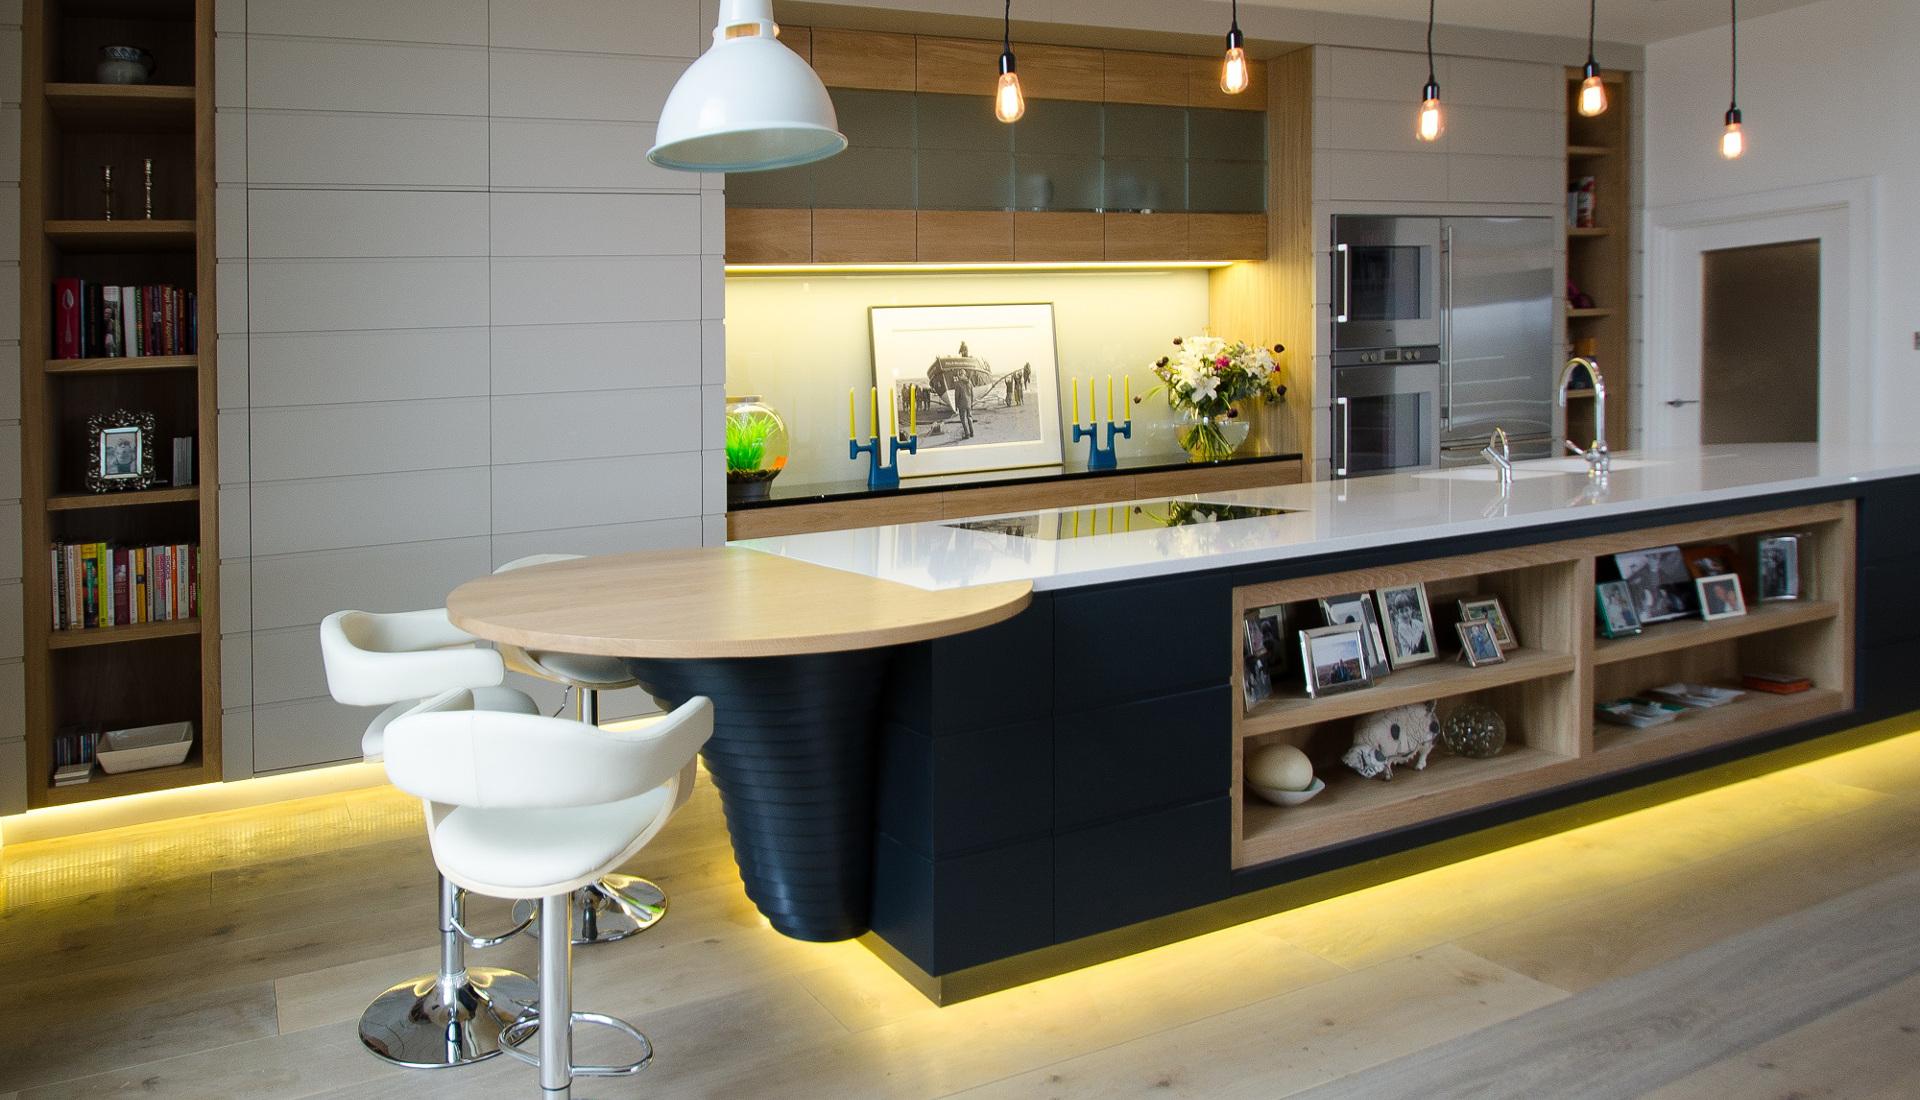 Showroom Badkamer Utrecht ~ Picture idea 37  Voorpagina keuken onderkast verlichting opbouw staal